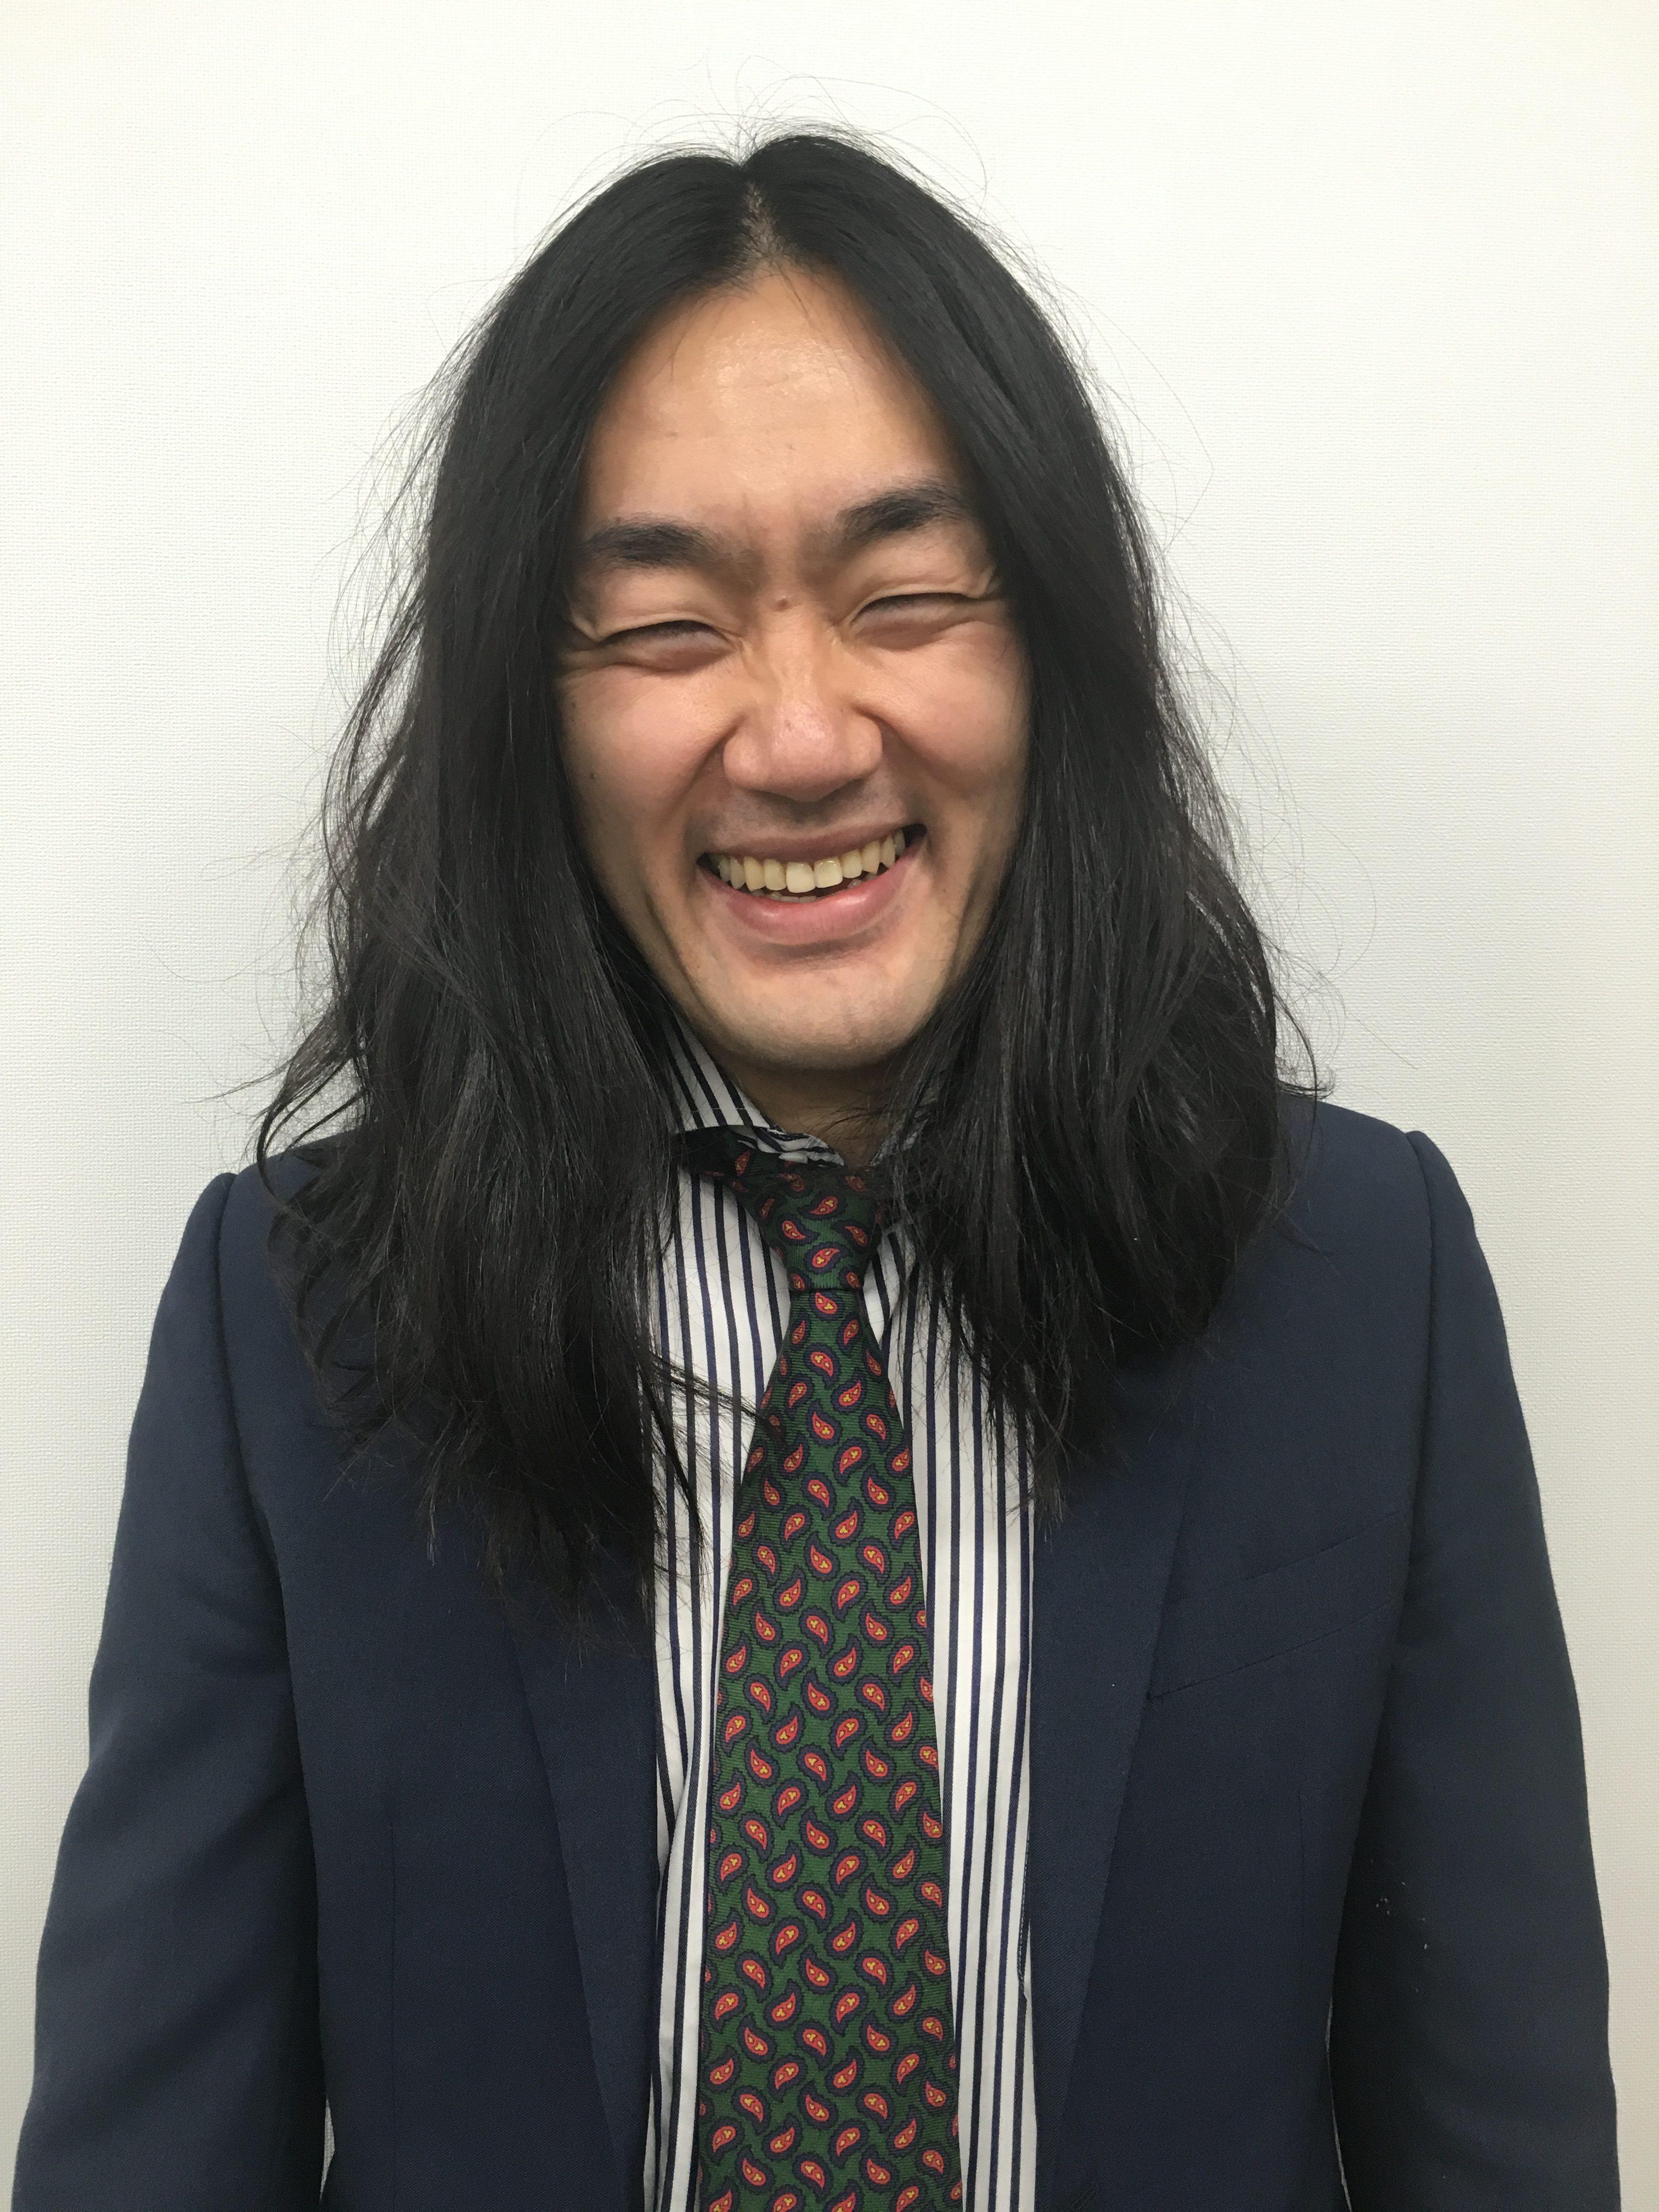 オメェ 髪どした 東京コピーライターズクラブ Tcc